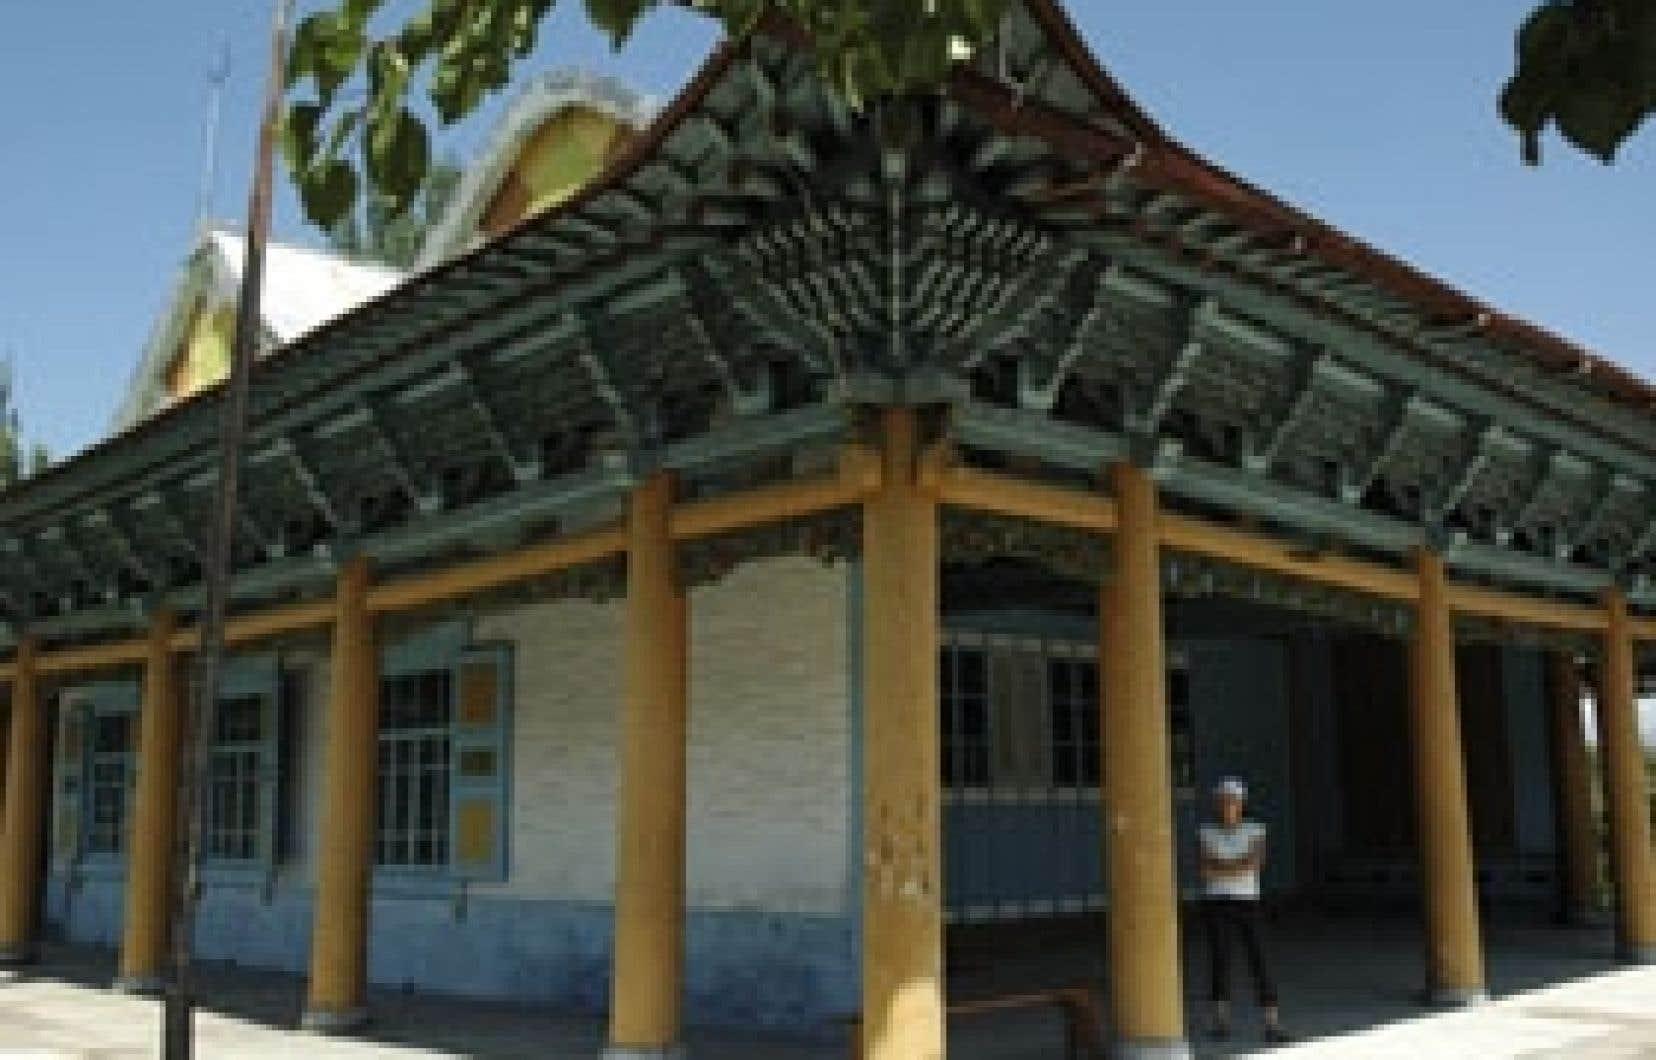 Une mosquée chinoise construite sans clous, achevée en 1910 après trois ans de travaux par un architecte et vingt artisans chinois de la communauté dungan. Fermée par les bolcheviques de 1933 à 1943, elle est de nouveau un lieu de culte.